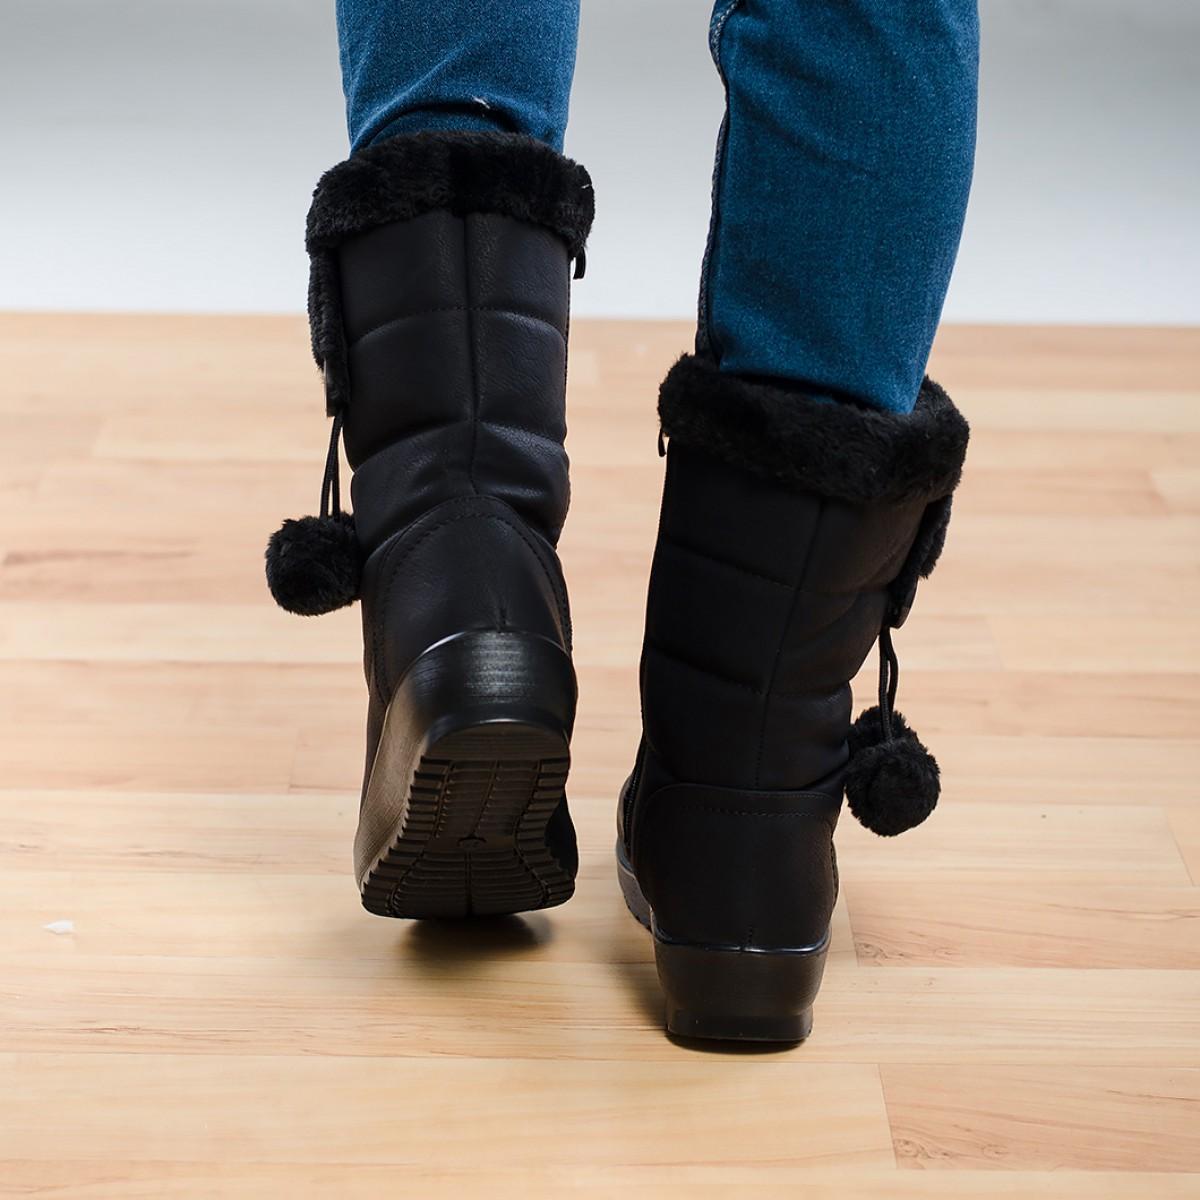 Дамски ботуши - черни Снимка 2 от 4